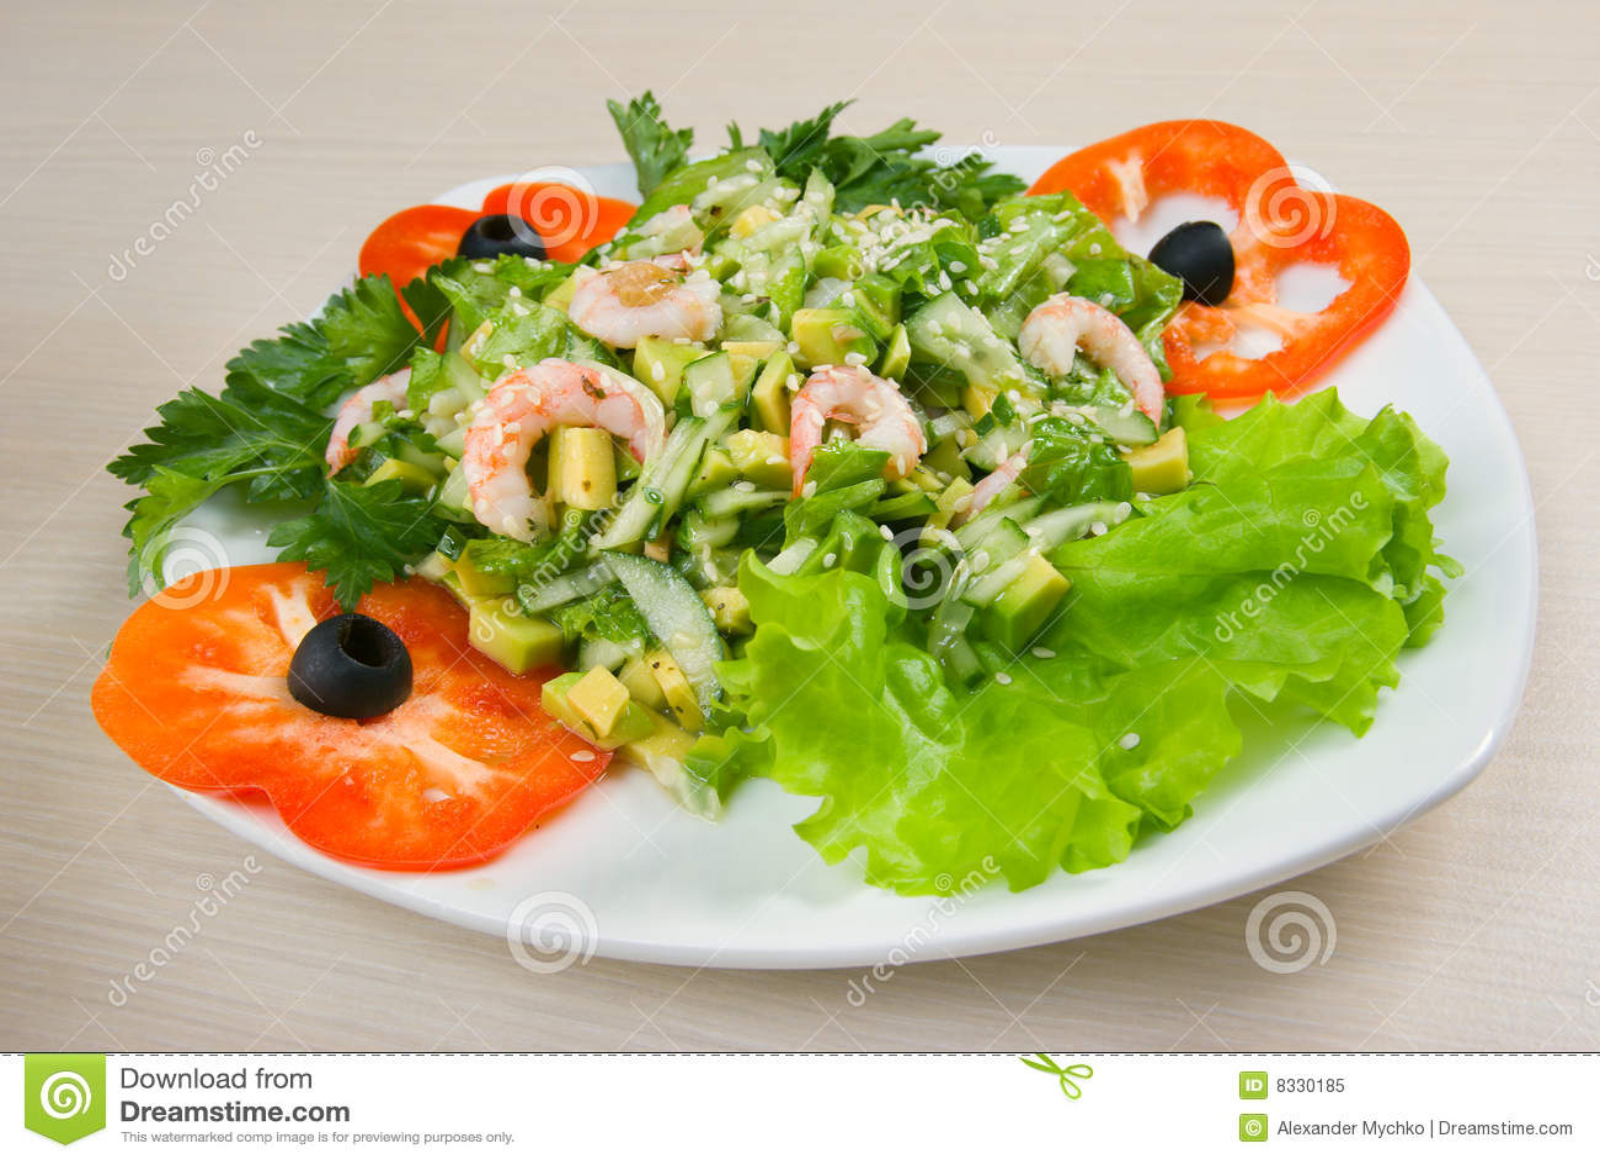 Salade simple et saine de crevette photo libre de droits - Cuisine saine et simple ...